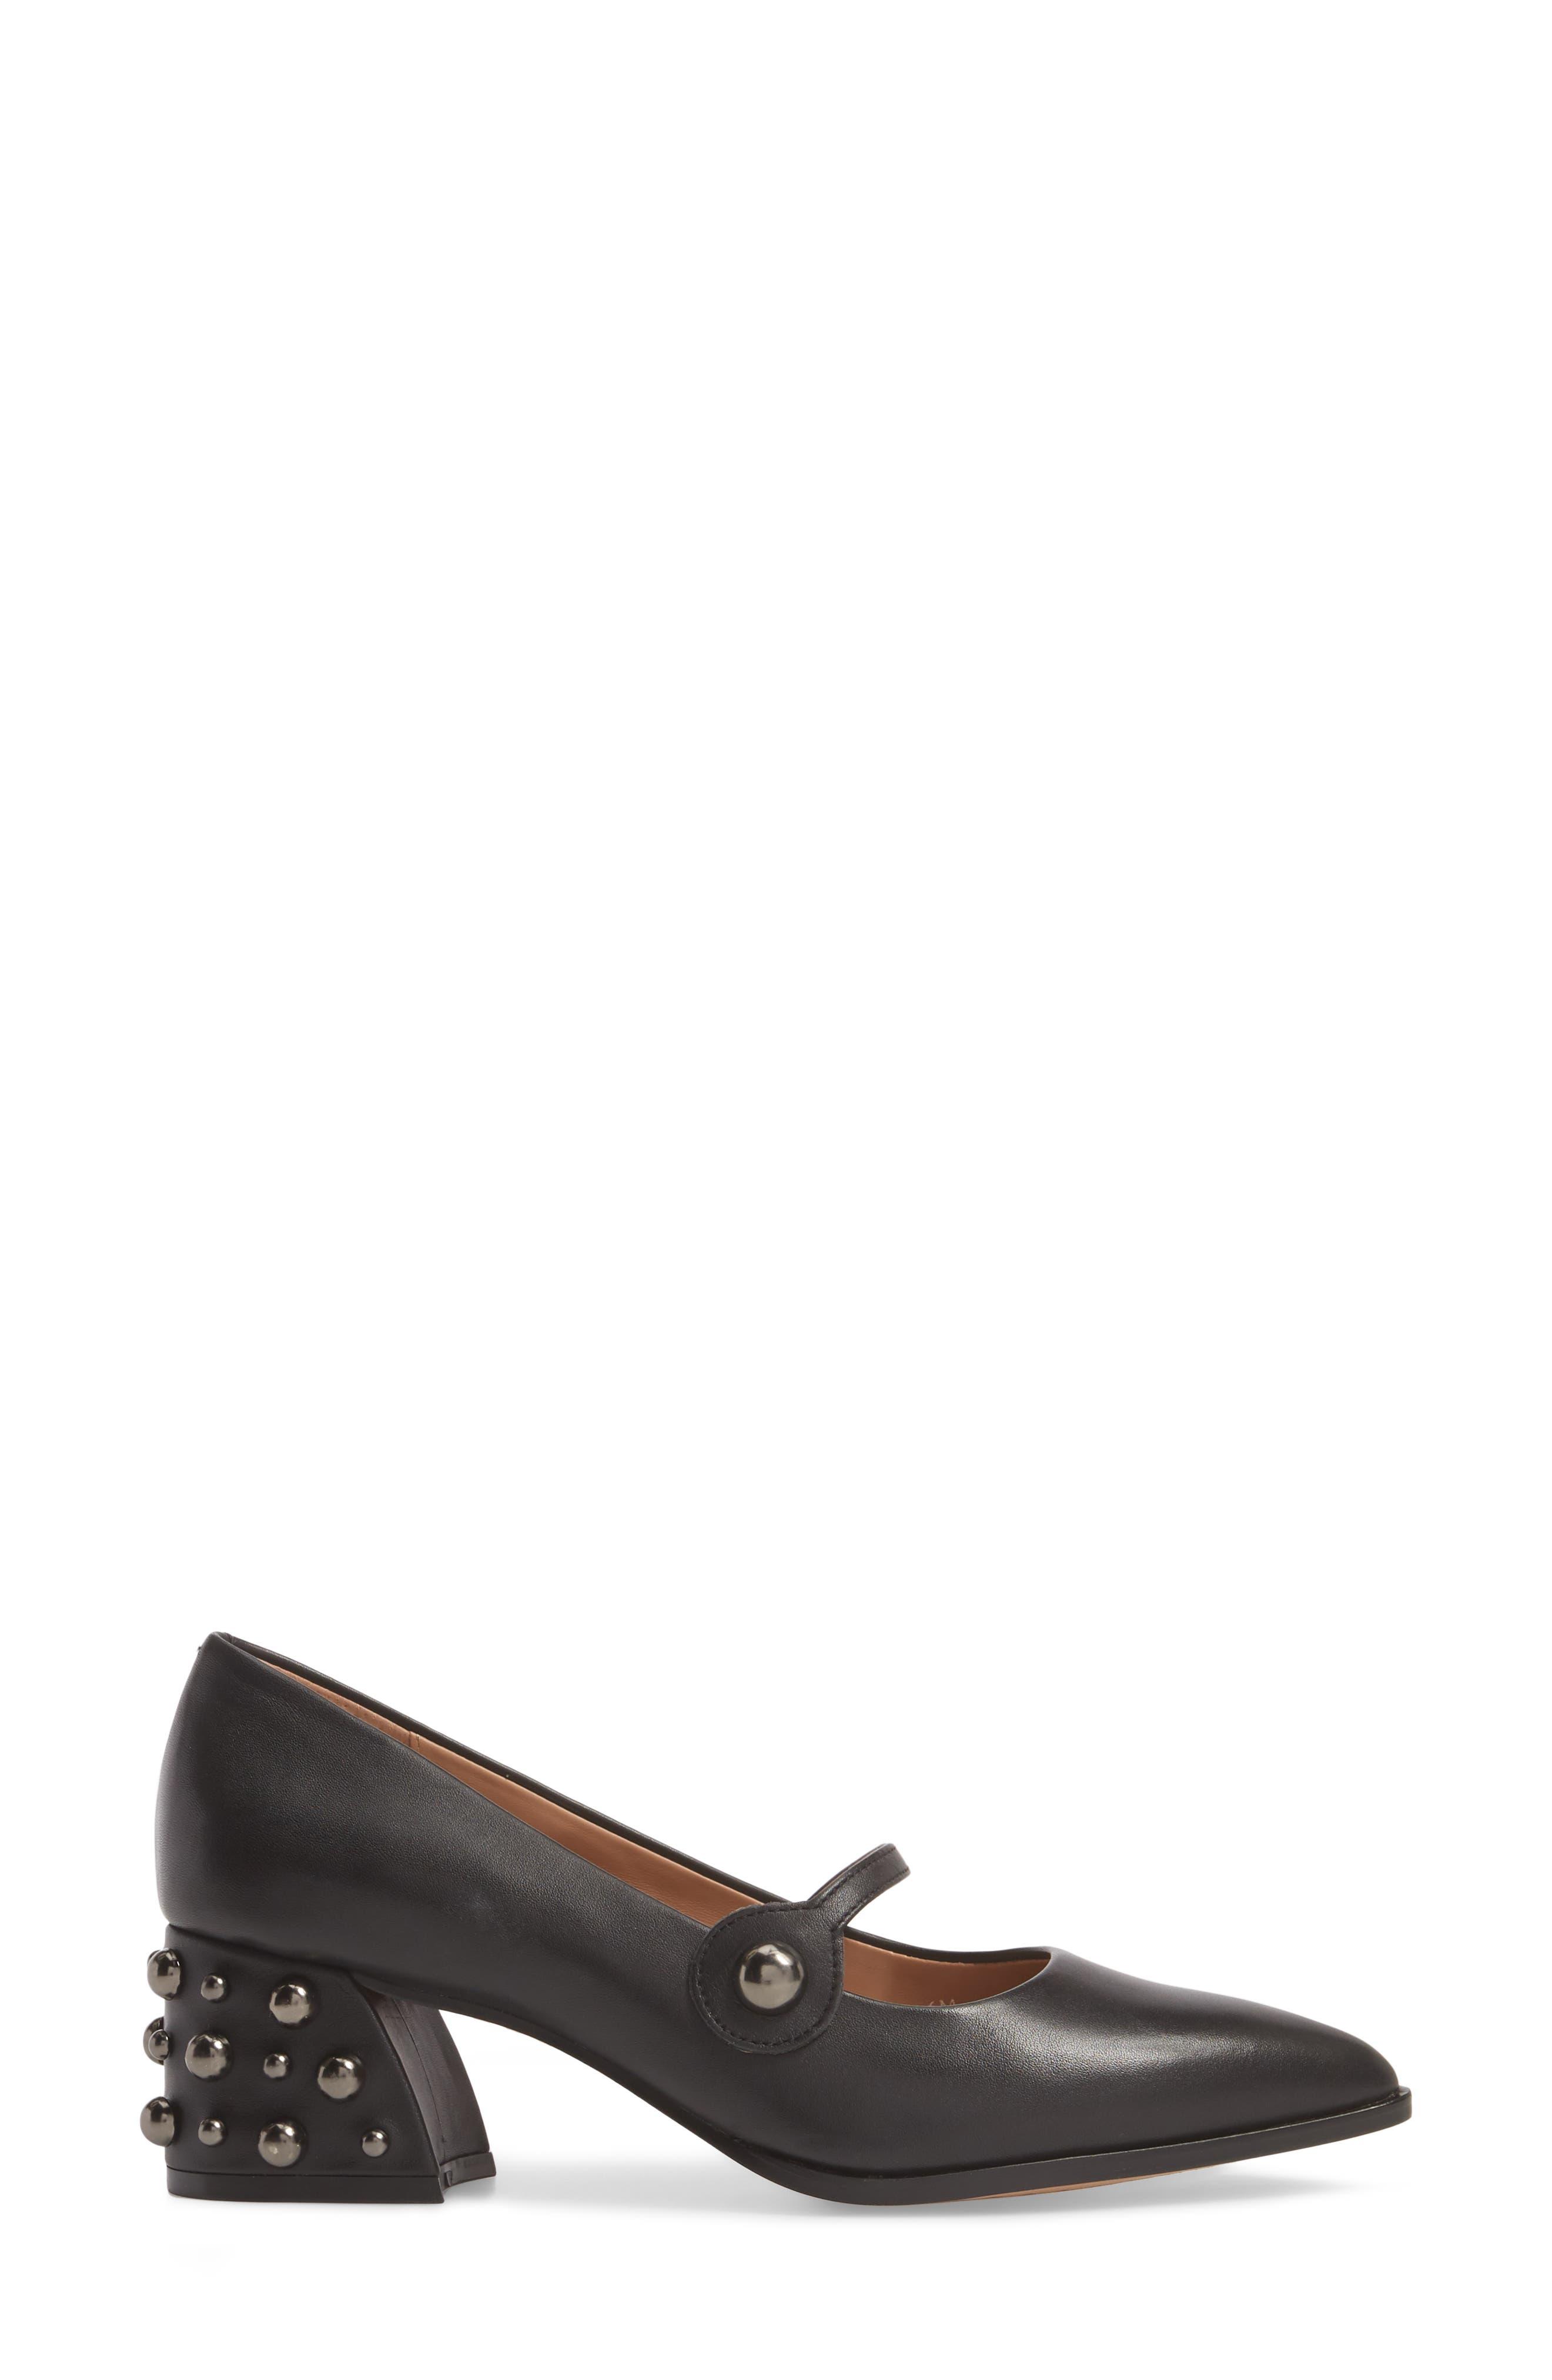 Franka Studded Heel Pump,                             Alternate thumbnail 3, color,                             BLACK LEATHER